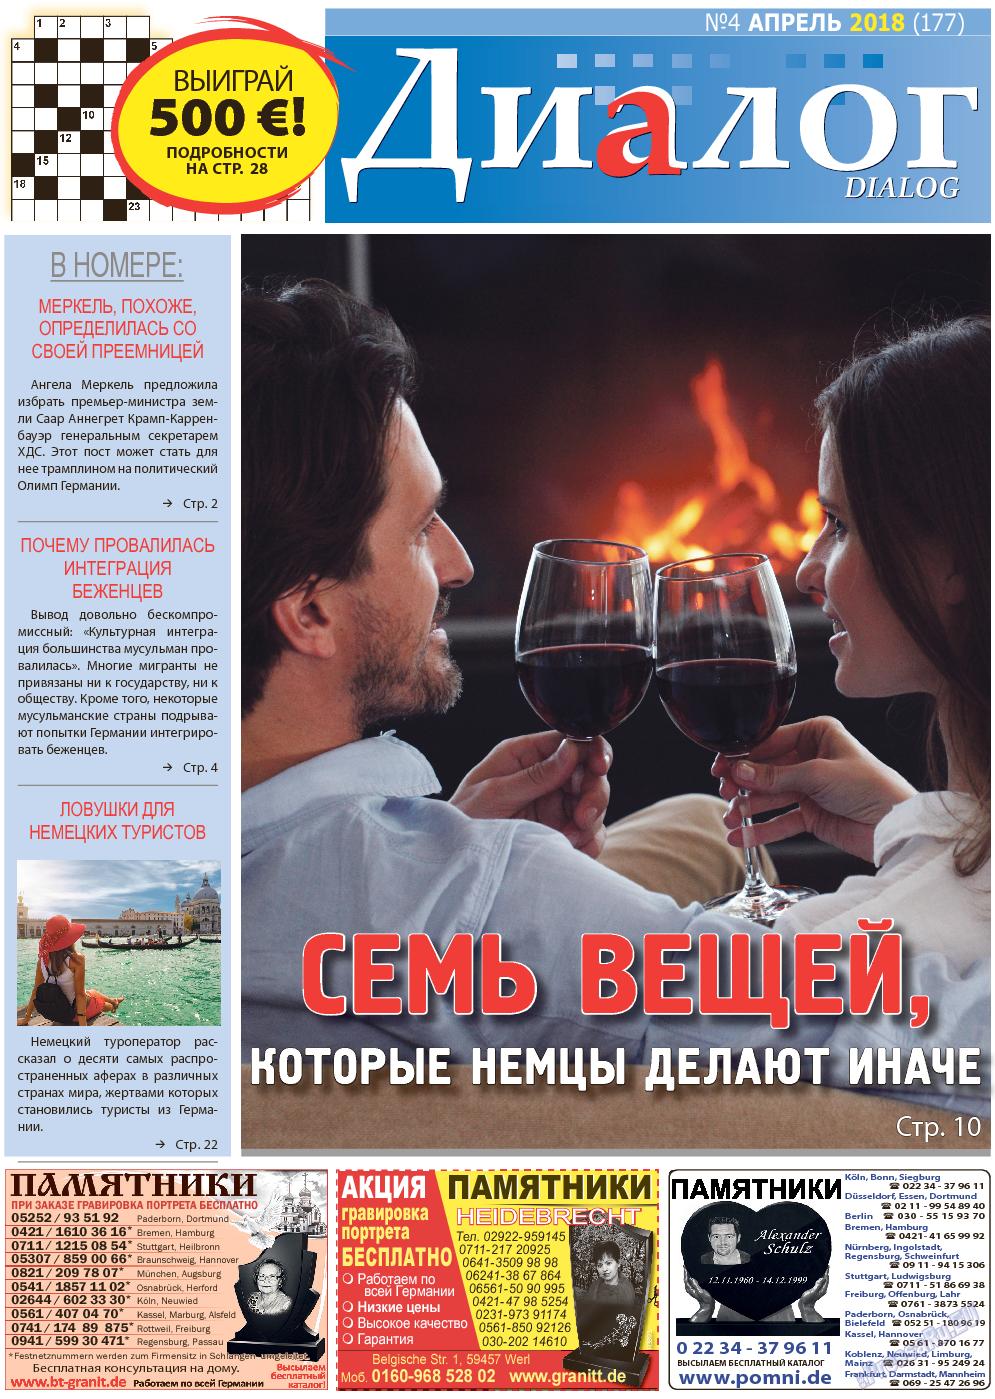 Диалог (газета). 2018 год, номер 4, стр. 1